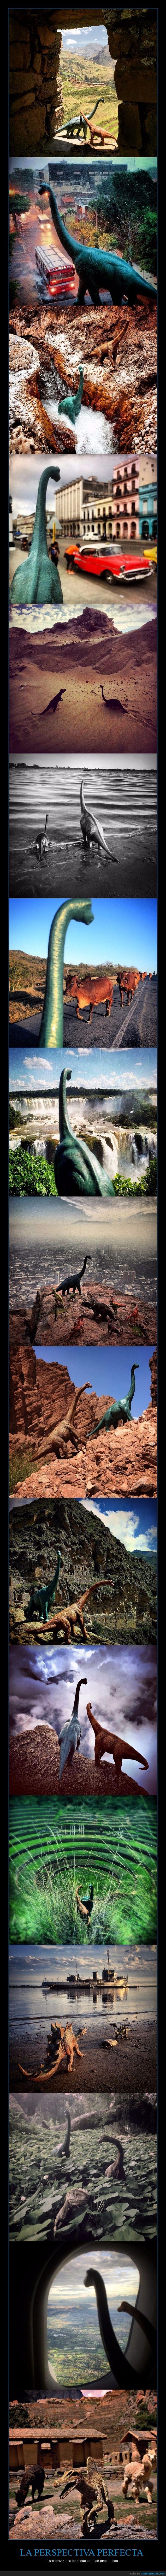 dinosaurio,diplodocus,fotografía,juguete,muñeco,perfecta,perspectiva,viaje